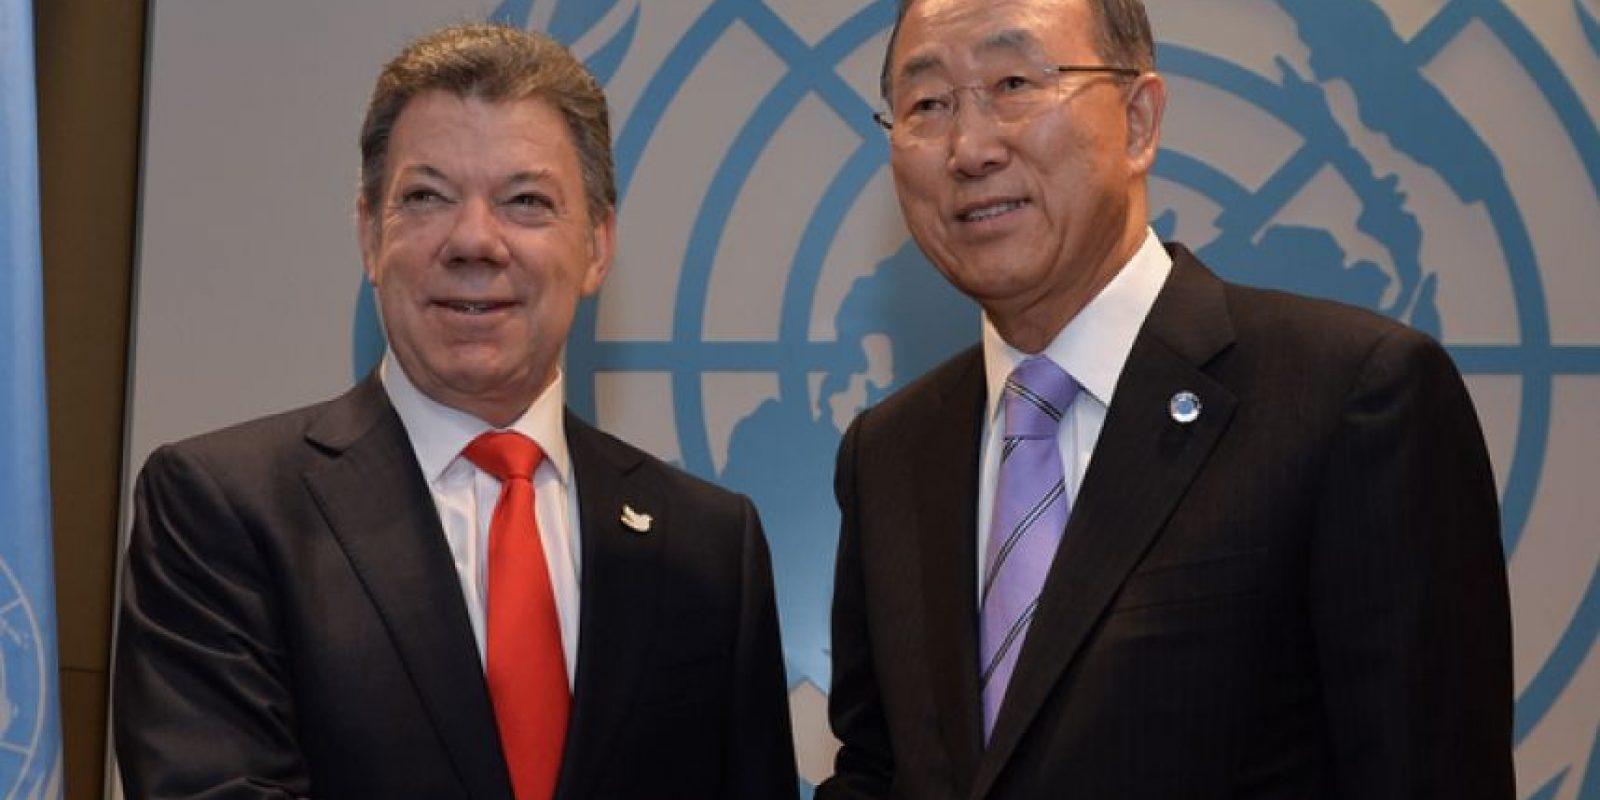 Secretario General de Naciones Unidas, Ban Ki Moon.